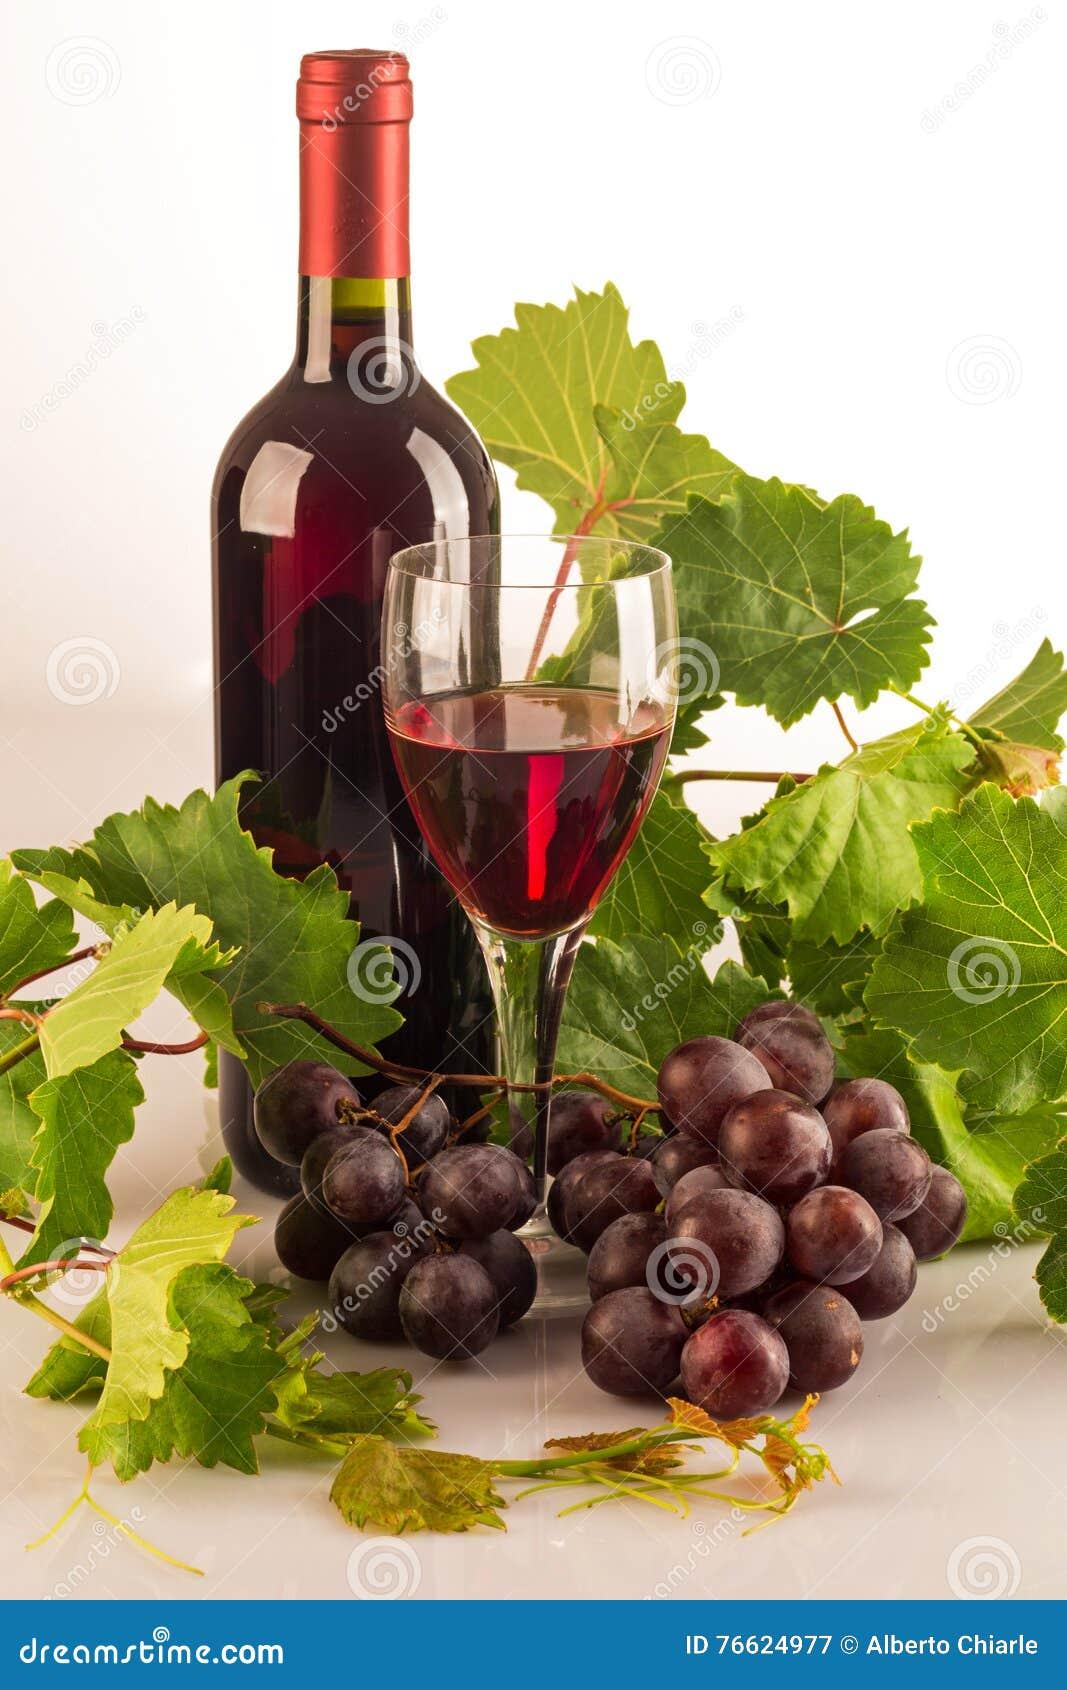 bouteille de vin rouge avec les feuilles vertes de vigne les raisins et un verre plein du vin. Black Bedroom Furniture Sets. Home Design Ideas